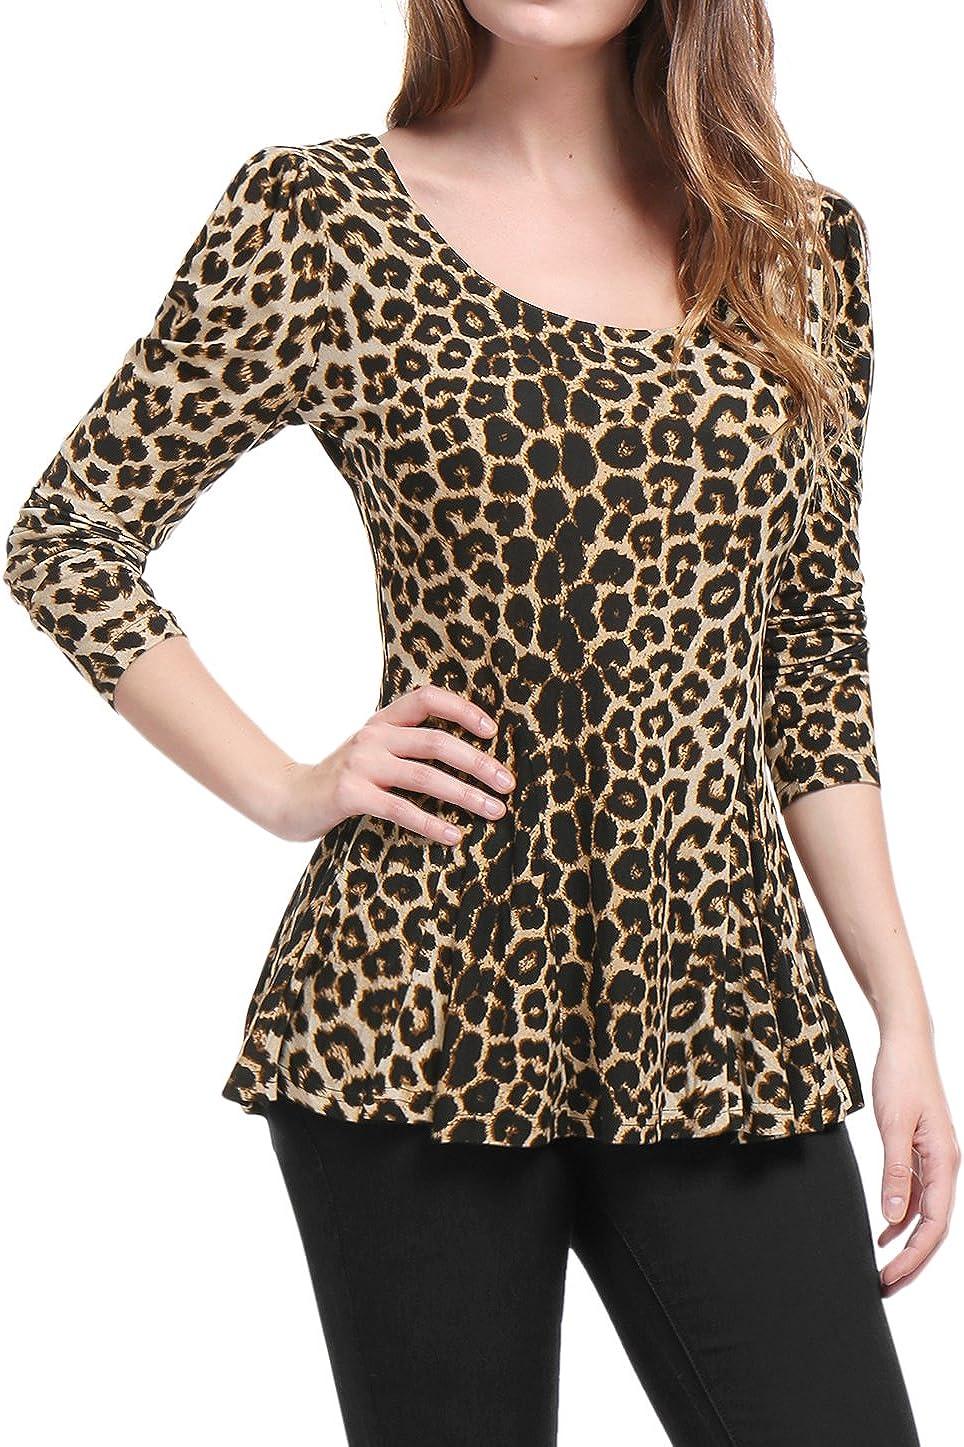 TALLA XL. Allegra K Mujer Camiseta de Manga Larga con Estampado de Leopardo con Sobrefalda